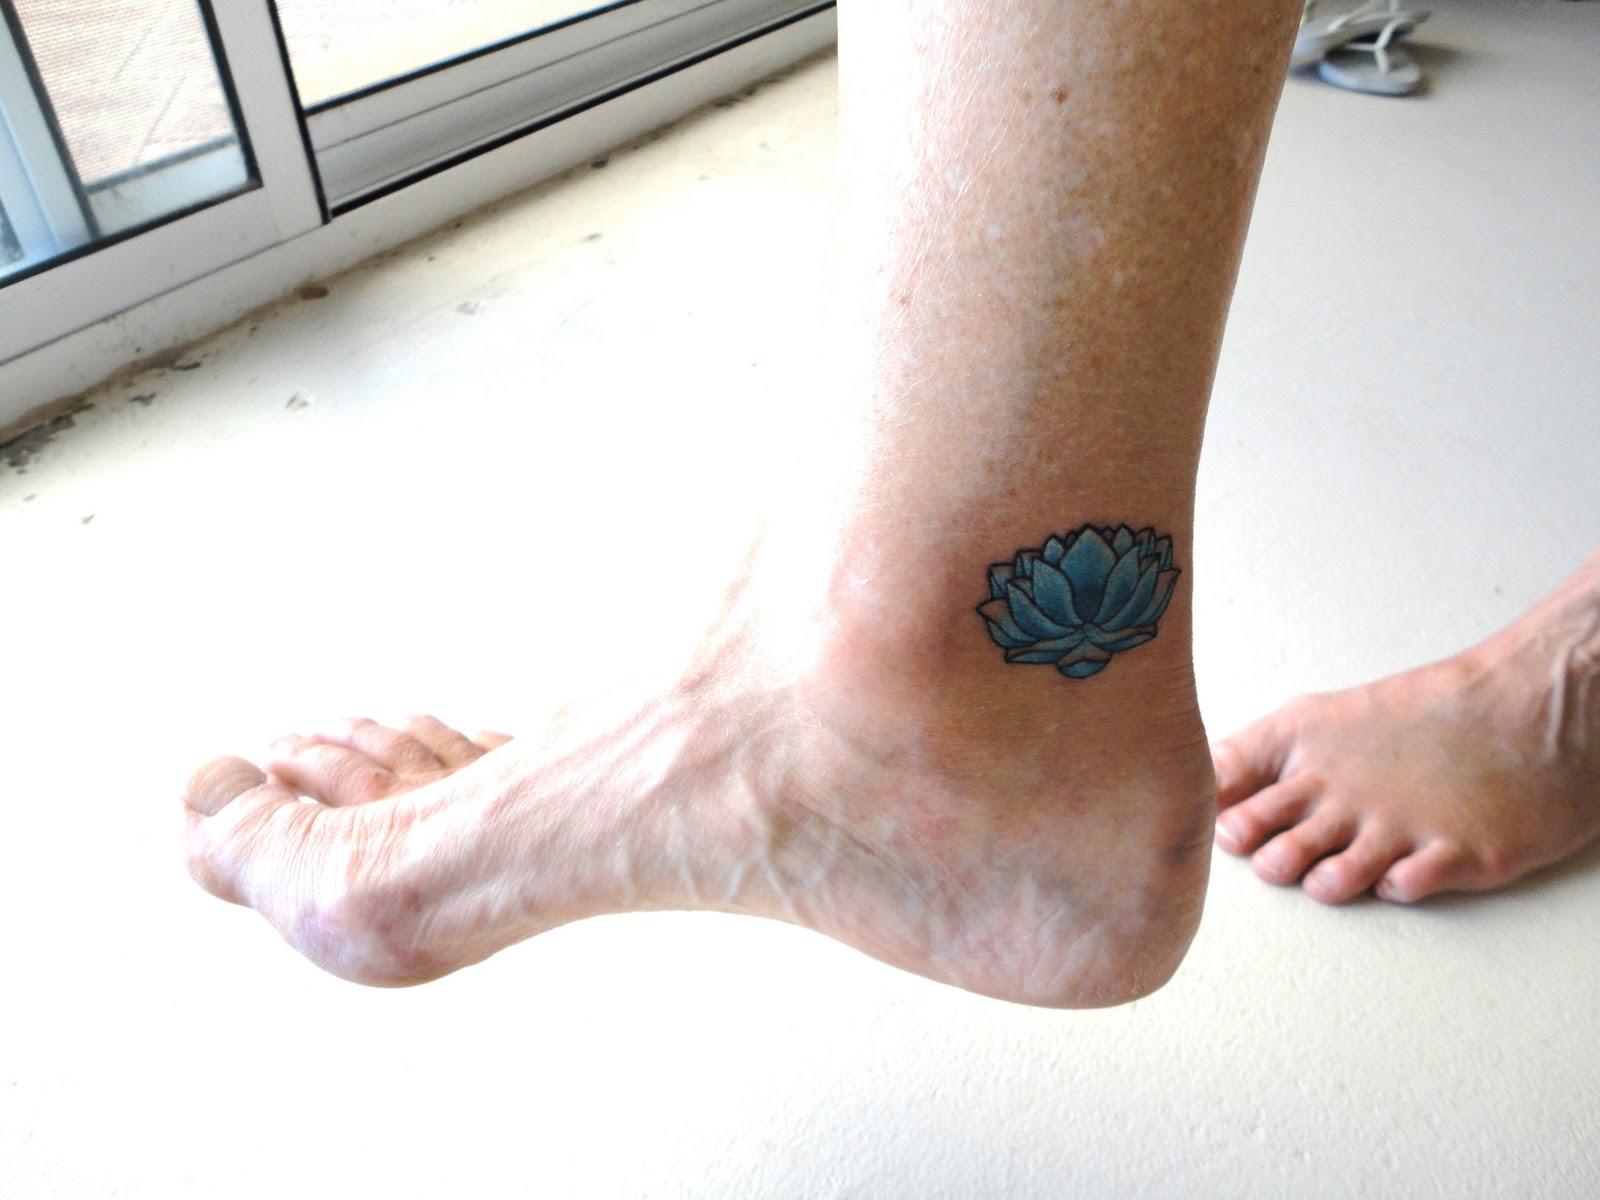 Blue Lotus Flower Tattoo On Ankle